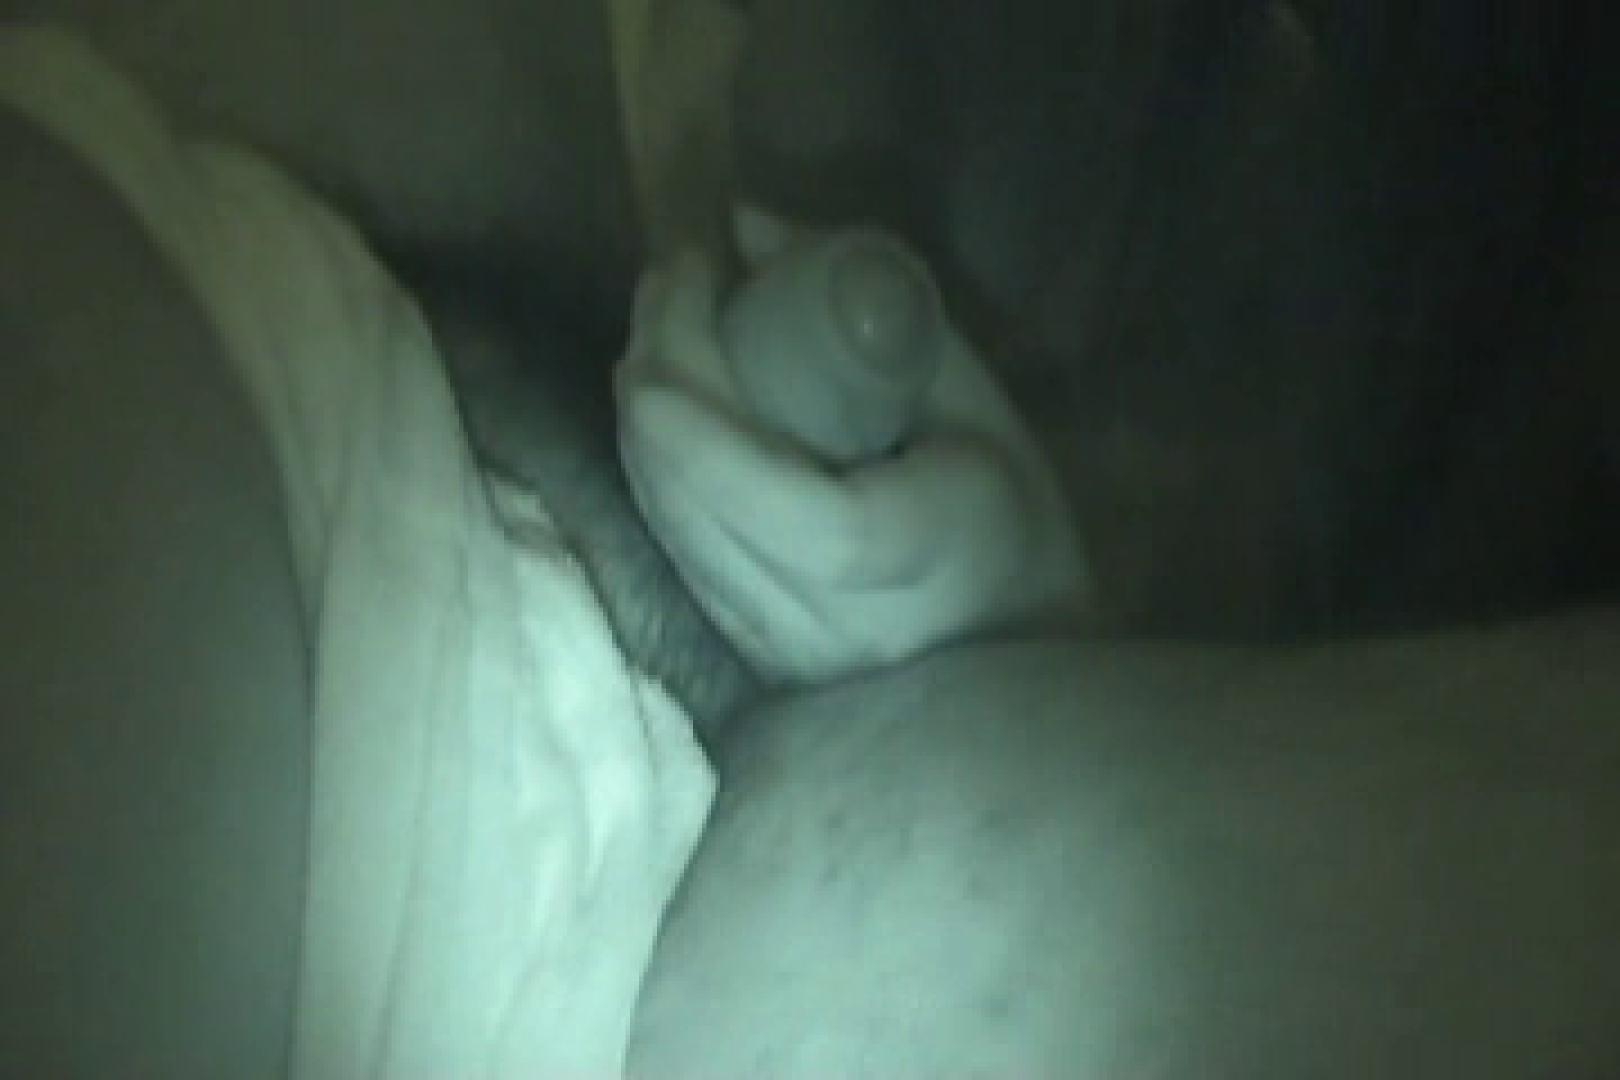 タレ目ちゃんに電気を消して中出し フェラチオシーン 女性器鑑賞 105pic 80